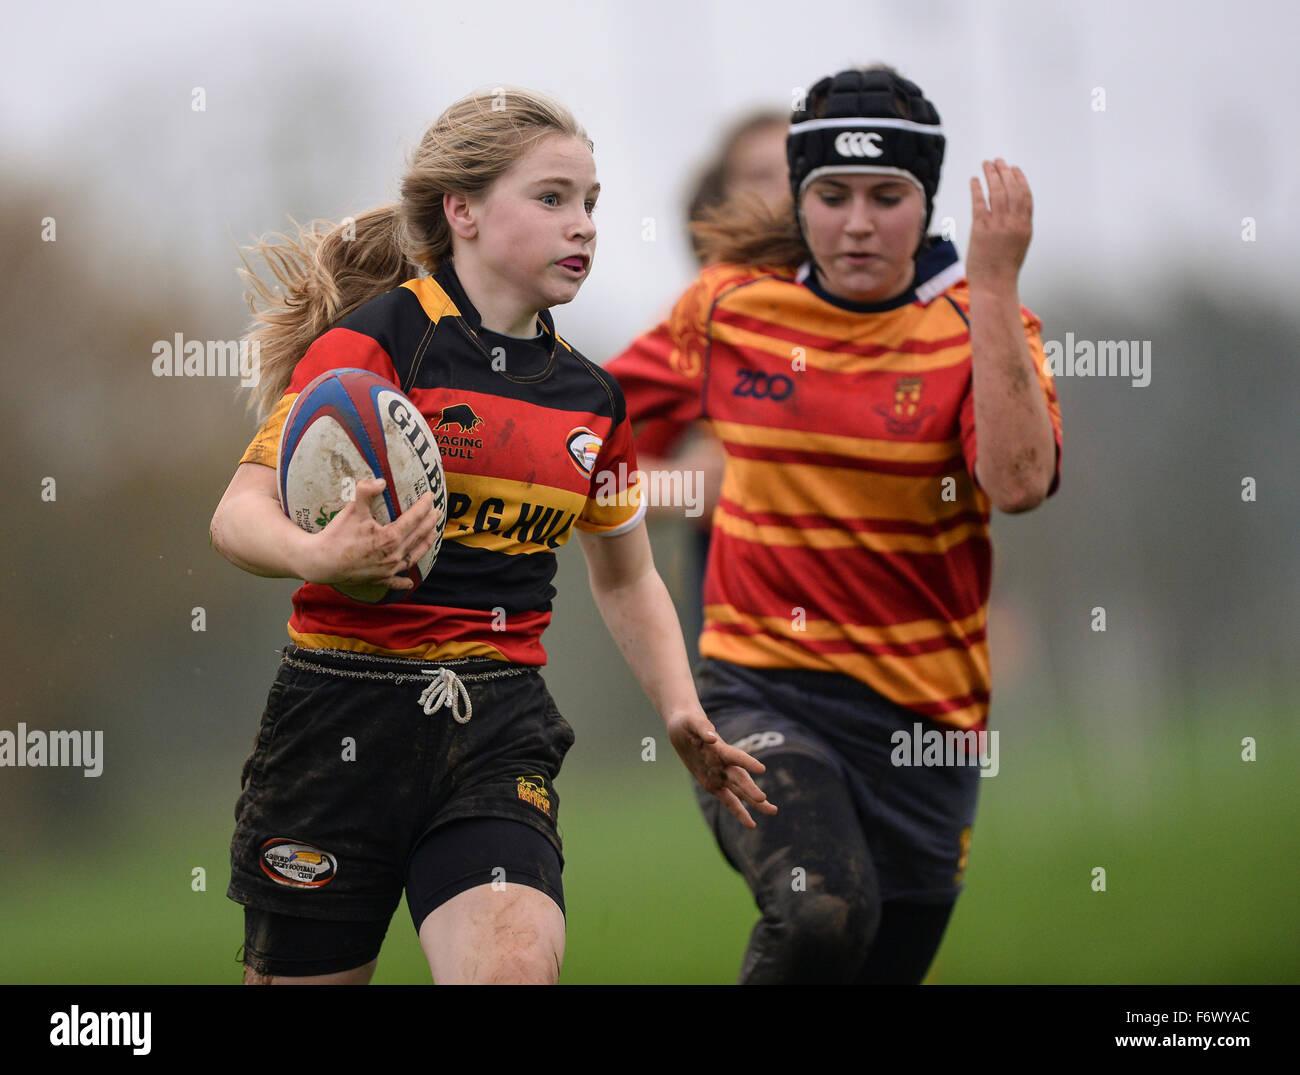 Donne sport del partecipante. Ashford Rugby Club, 8 novembre 2015 Immagini Stock